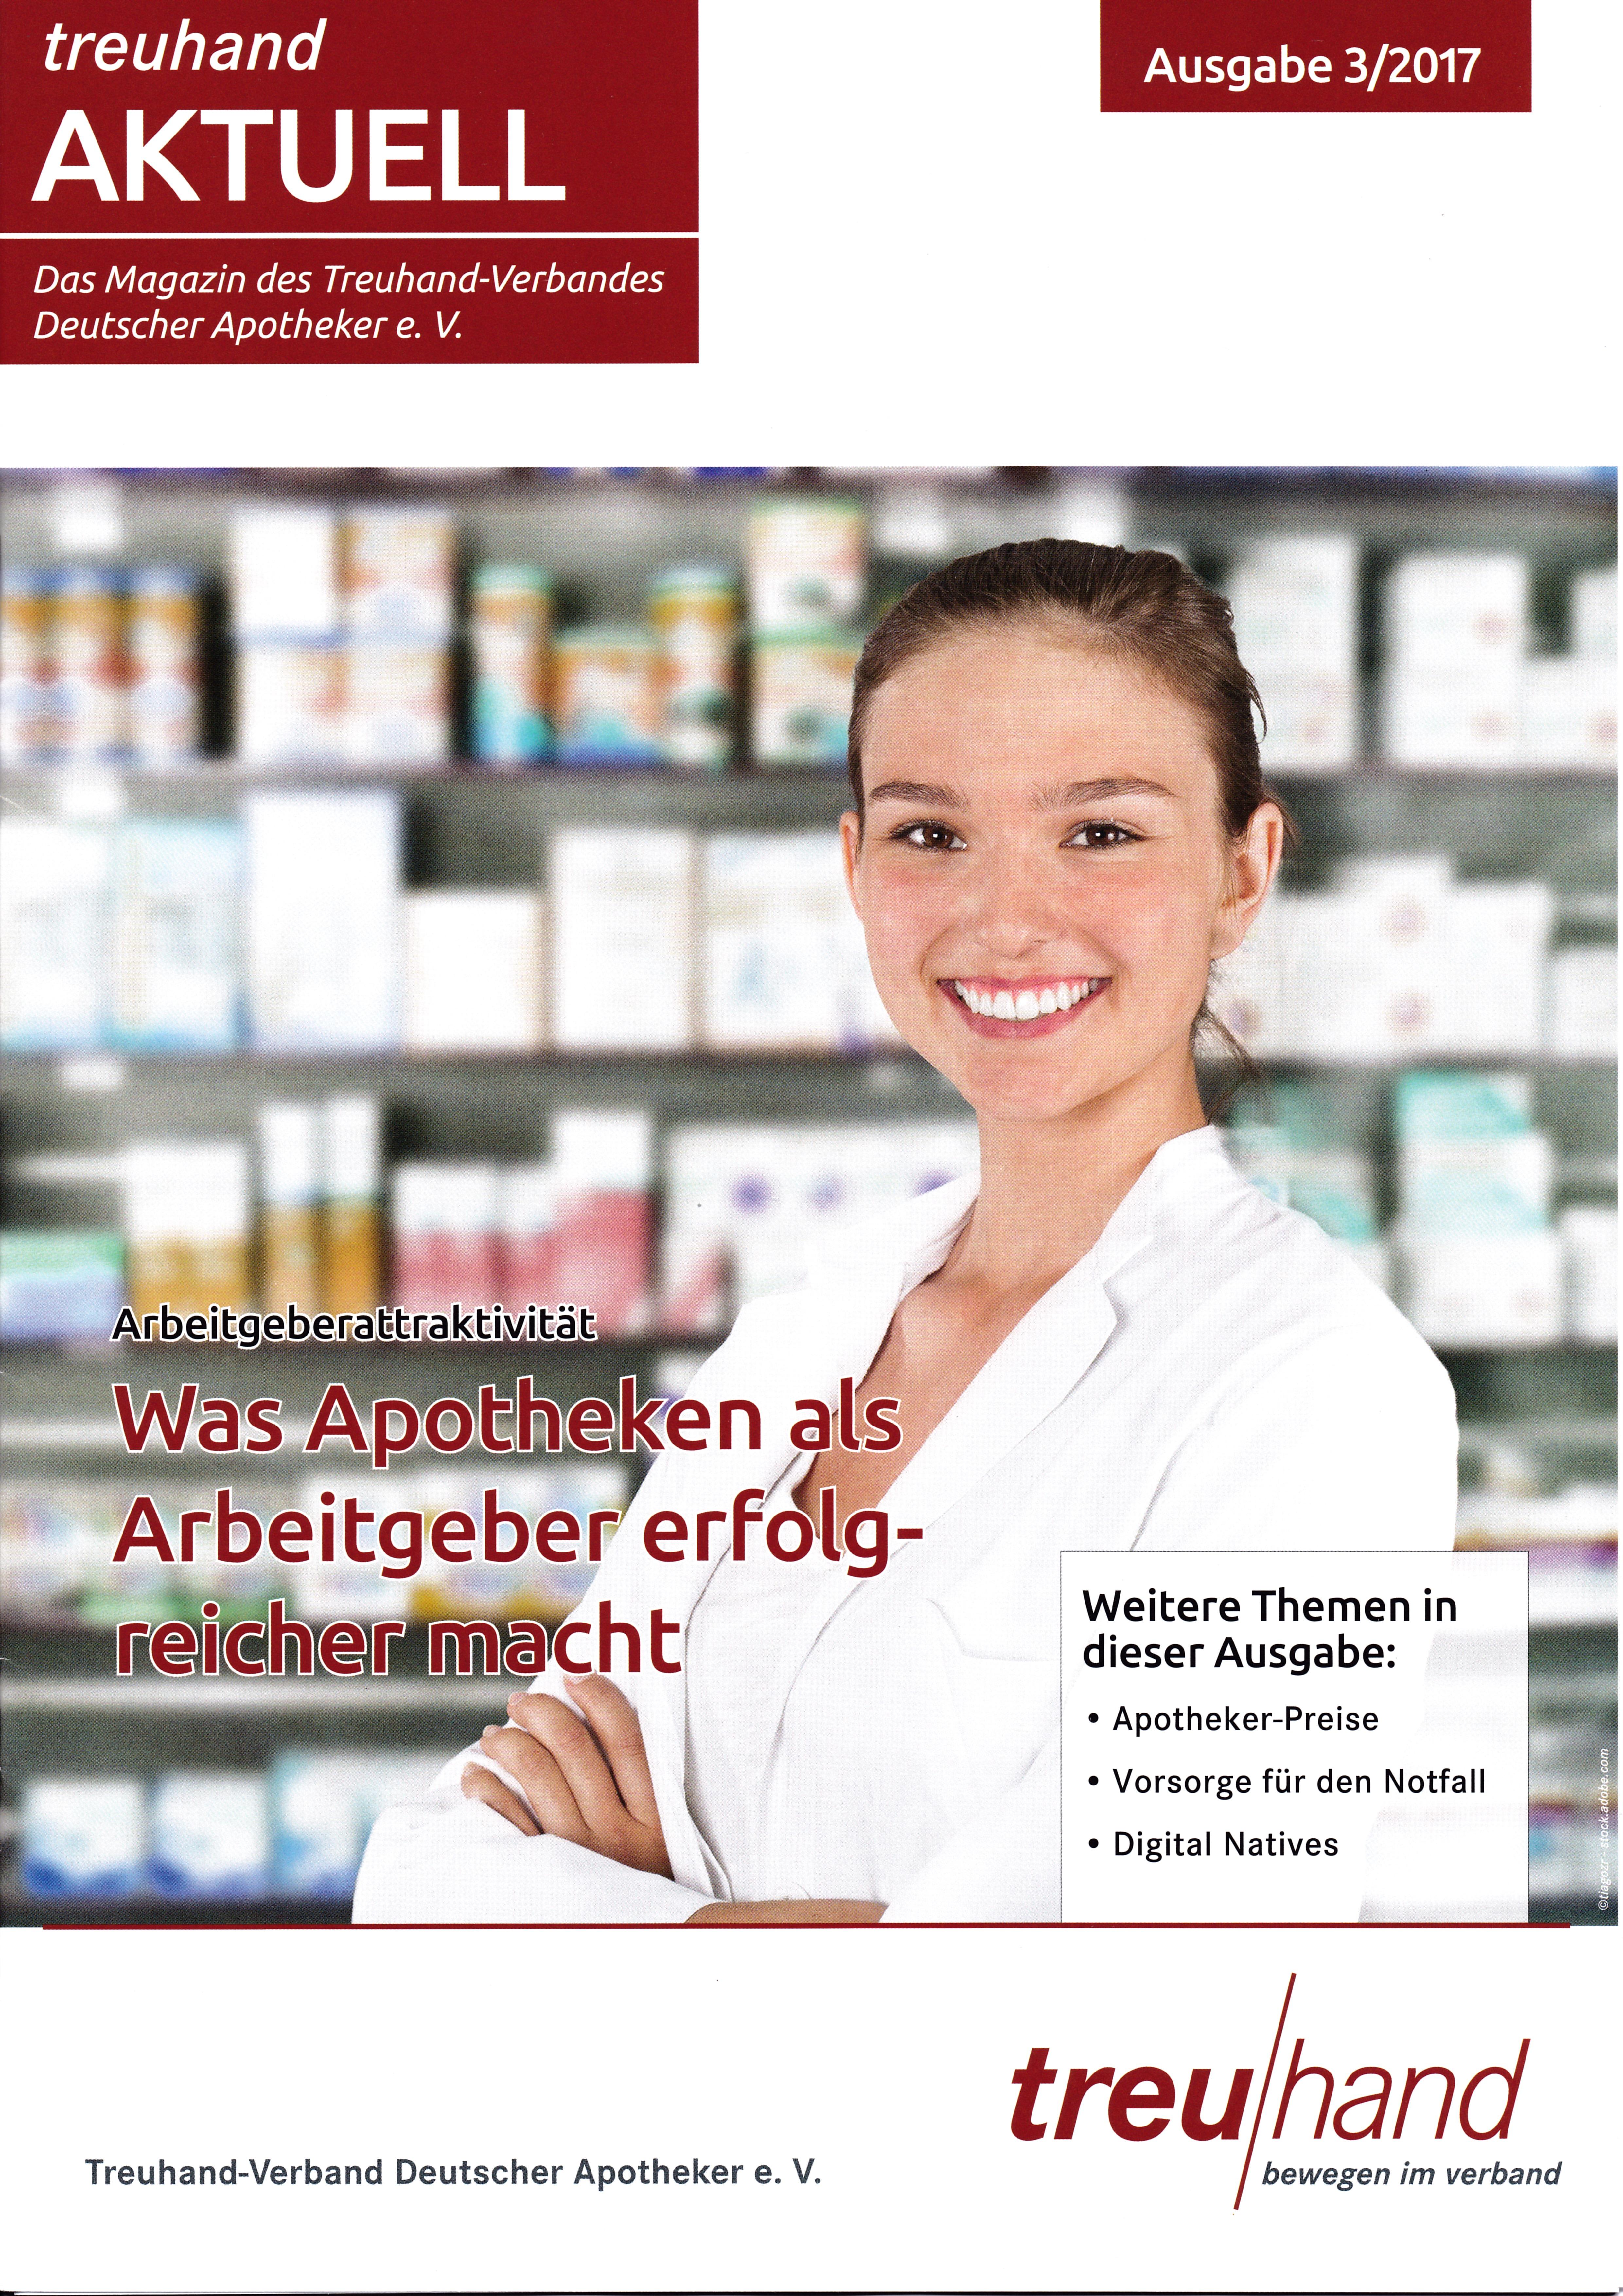 Treuhand Aktuell - Apotheker - 3 2017 Cover Roman Kmenta